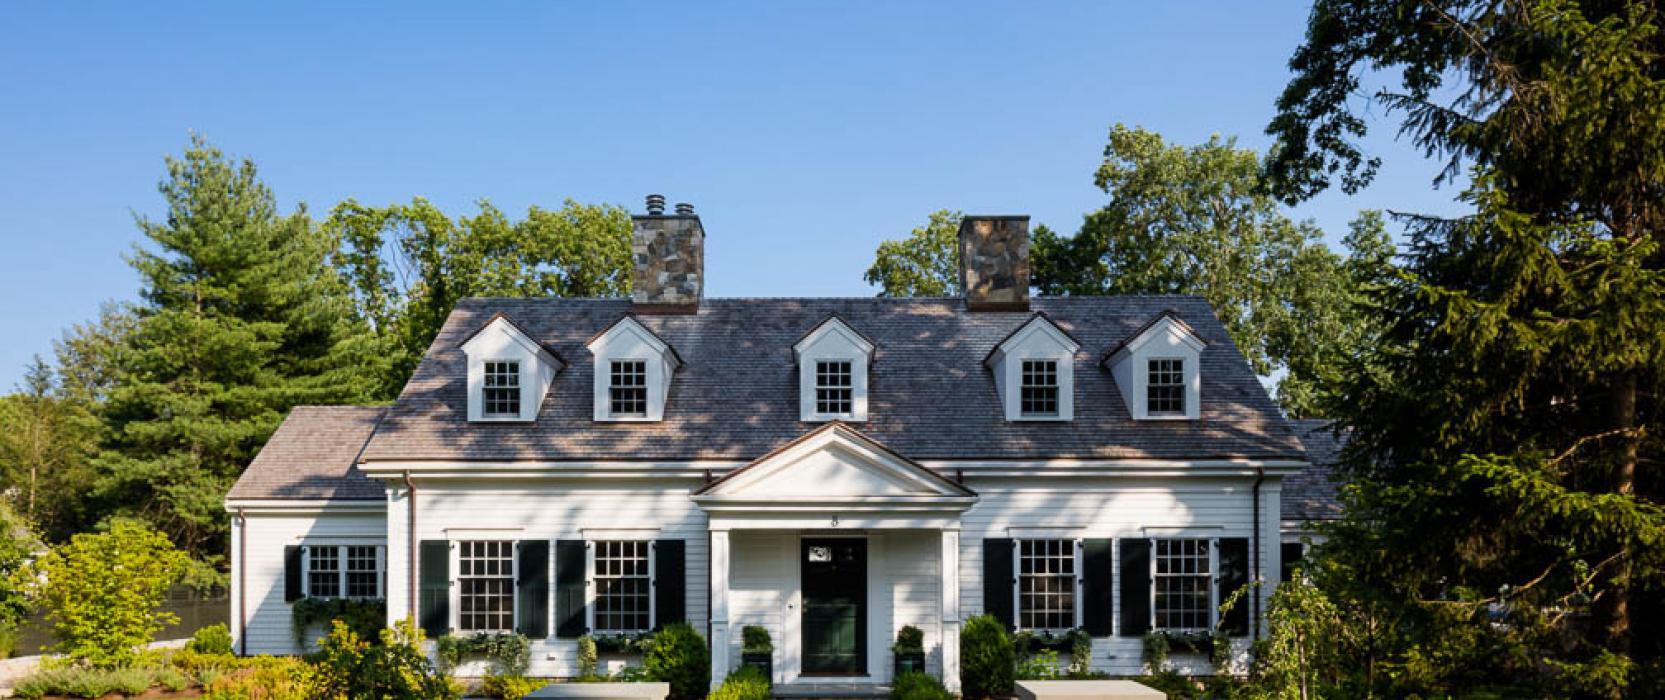 residential homes in Wellesley